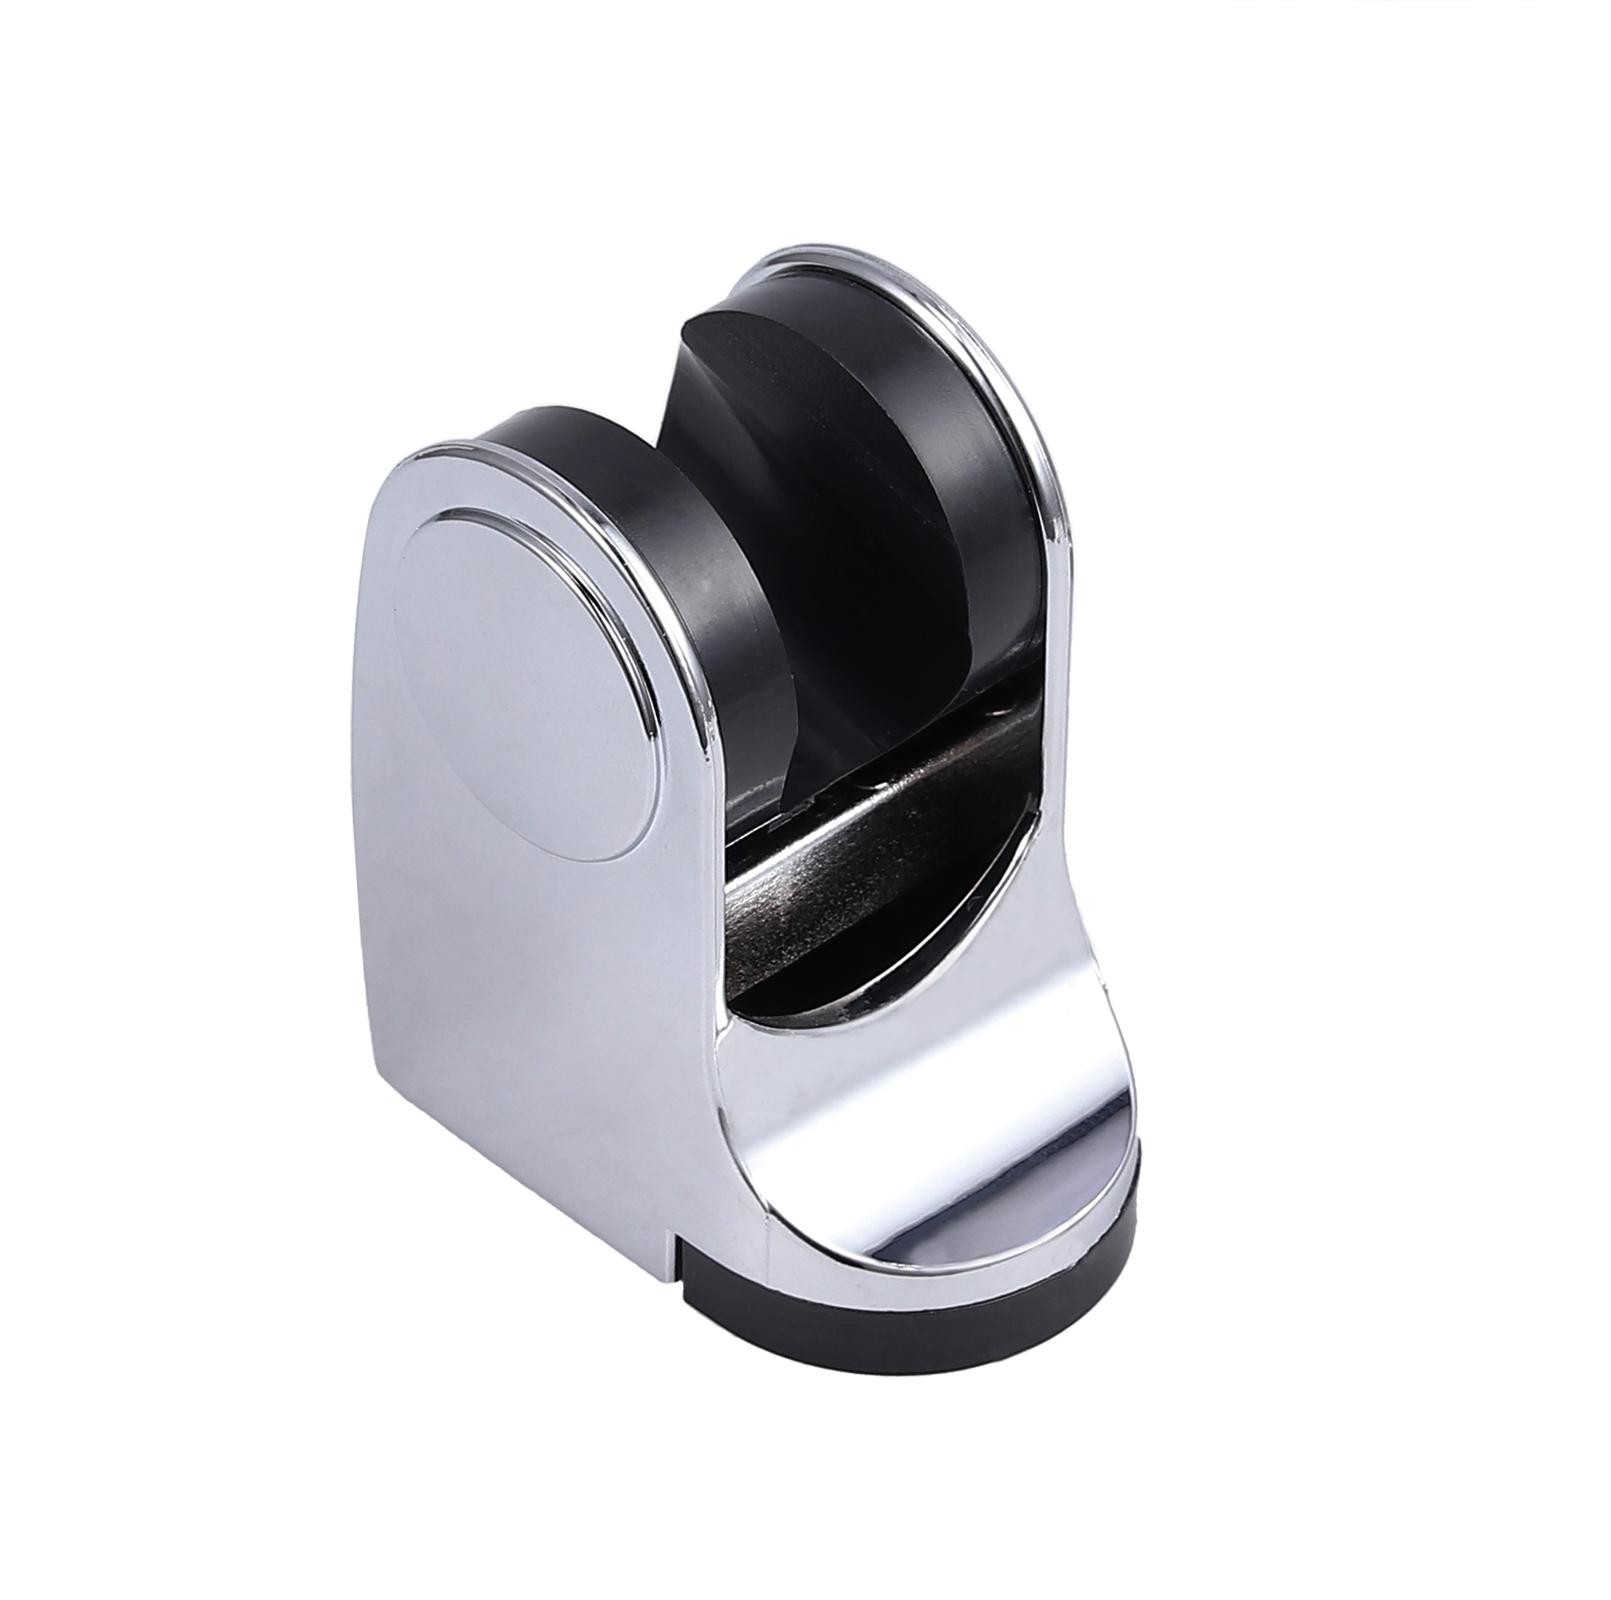 hand brause waschtisch bidet dusch mit schlauch badezimmer. Black Bedroom Furniture Sets. Home Design Ideas